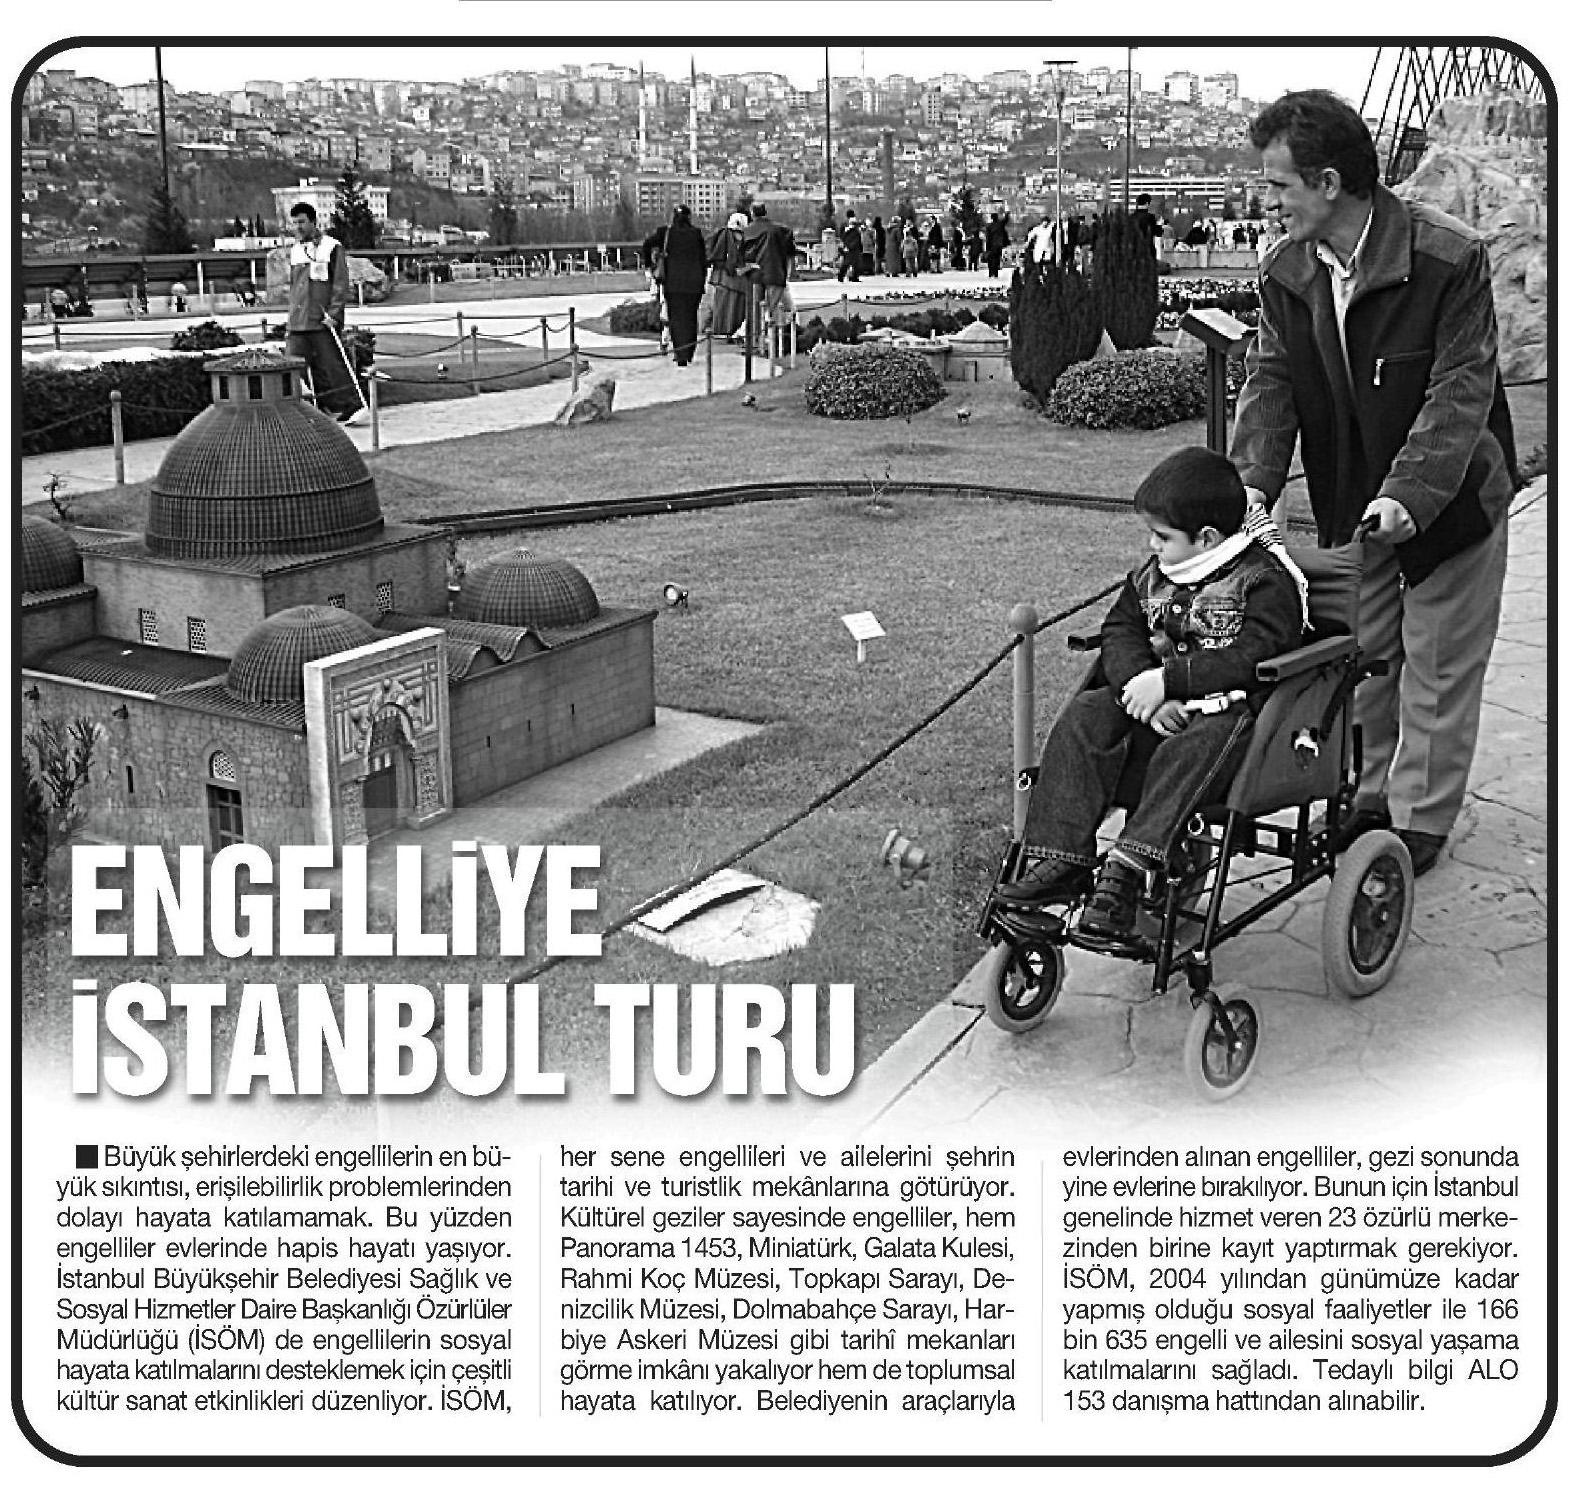 26.12.2012_turkiye_engelli_tur